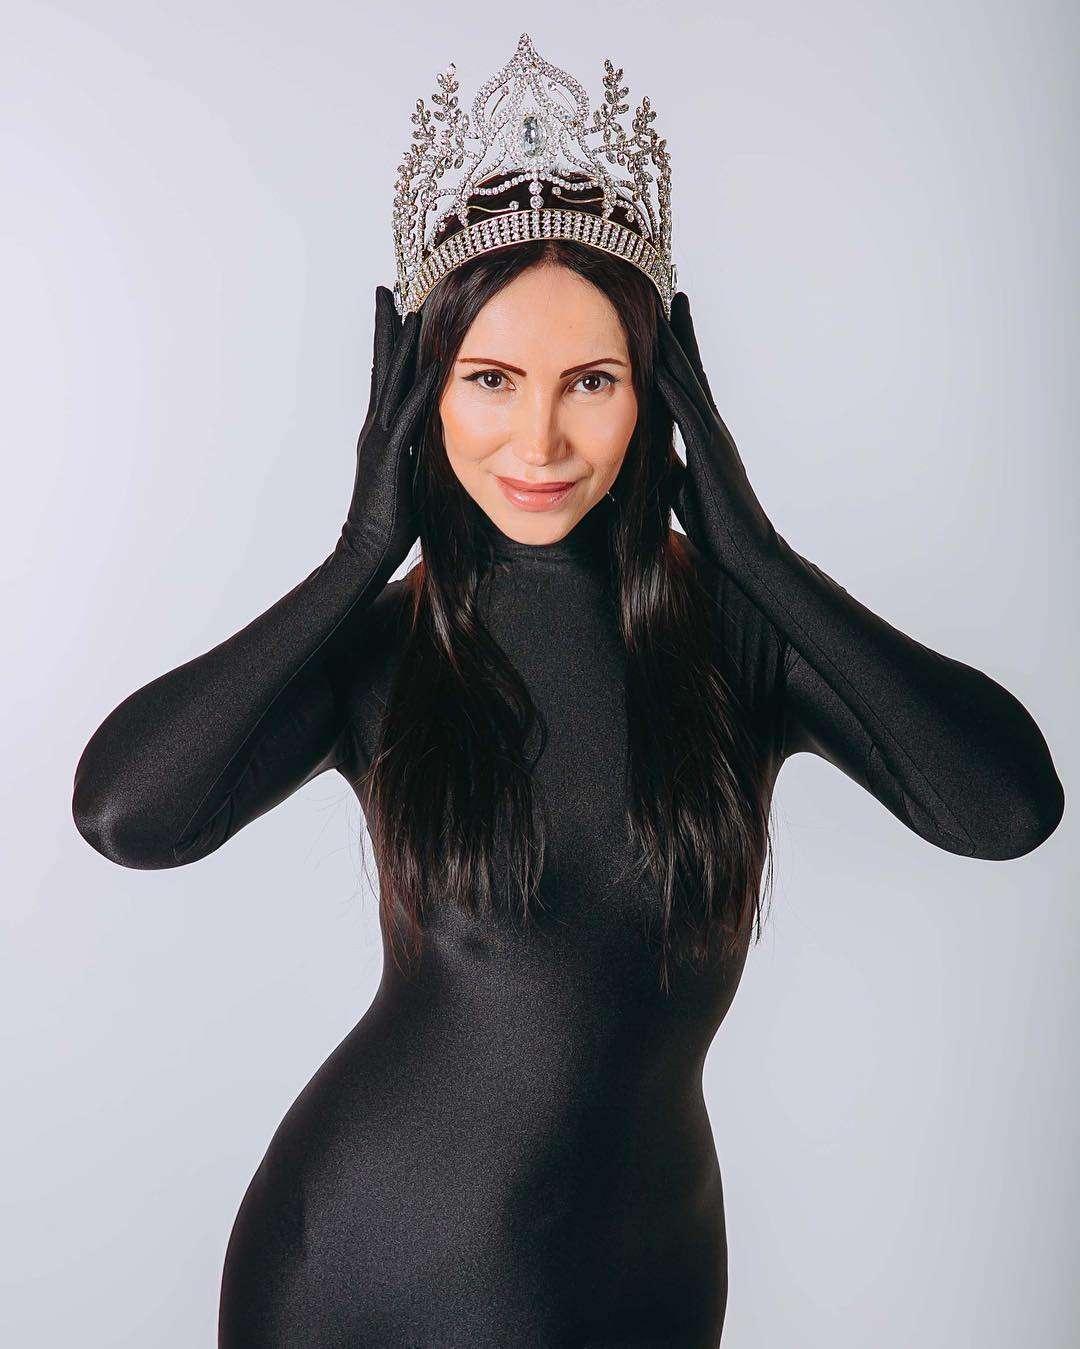 60-летняя красавица из Украины восхитила мир молодостью и красотой красота,модельный бизнес,наши звезды,развлечение,шоу,шоубиz,шоубиз